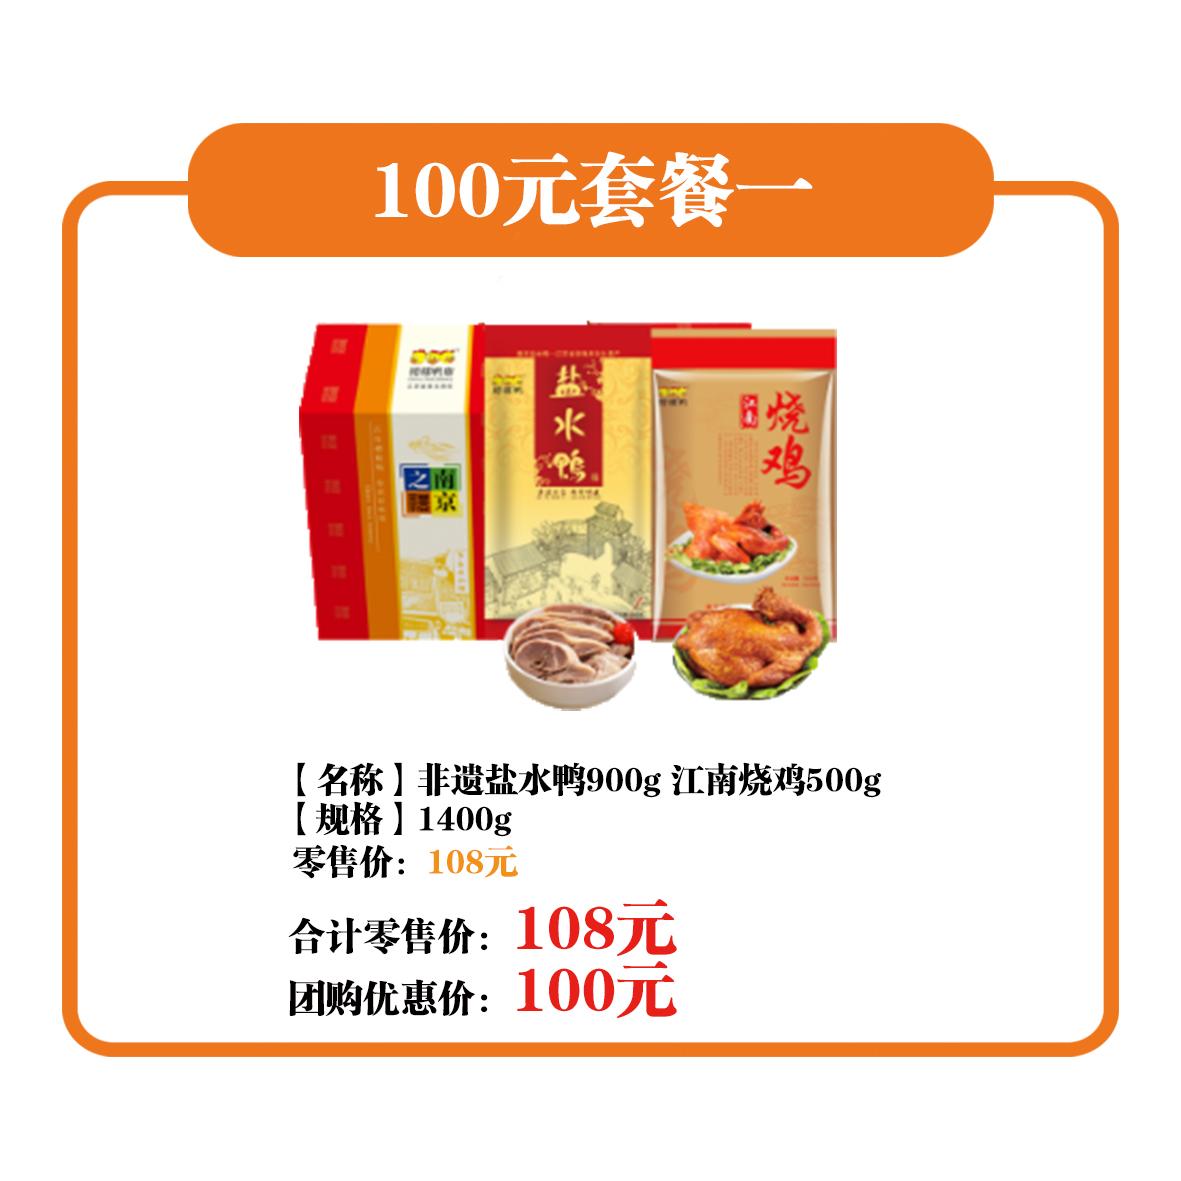 中秋福利套餐100元套餐一